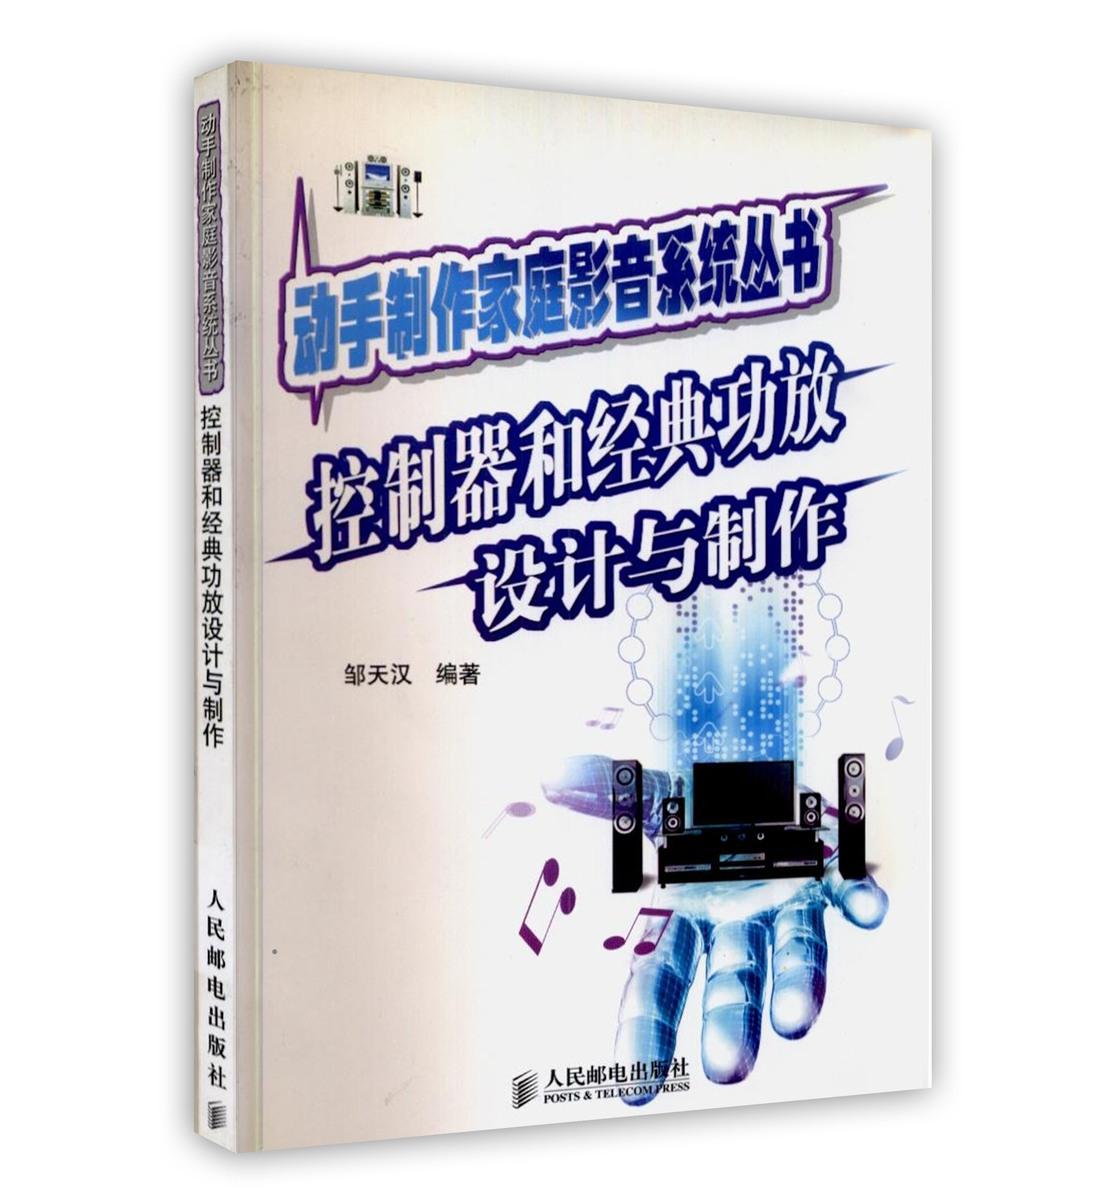 Системы управления электрическими приборами Артикул 45317401838